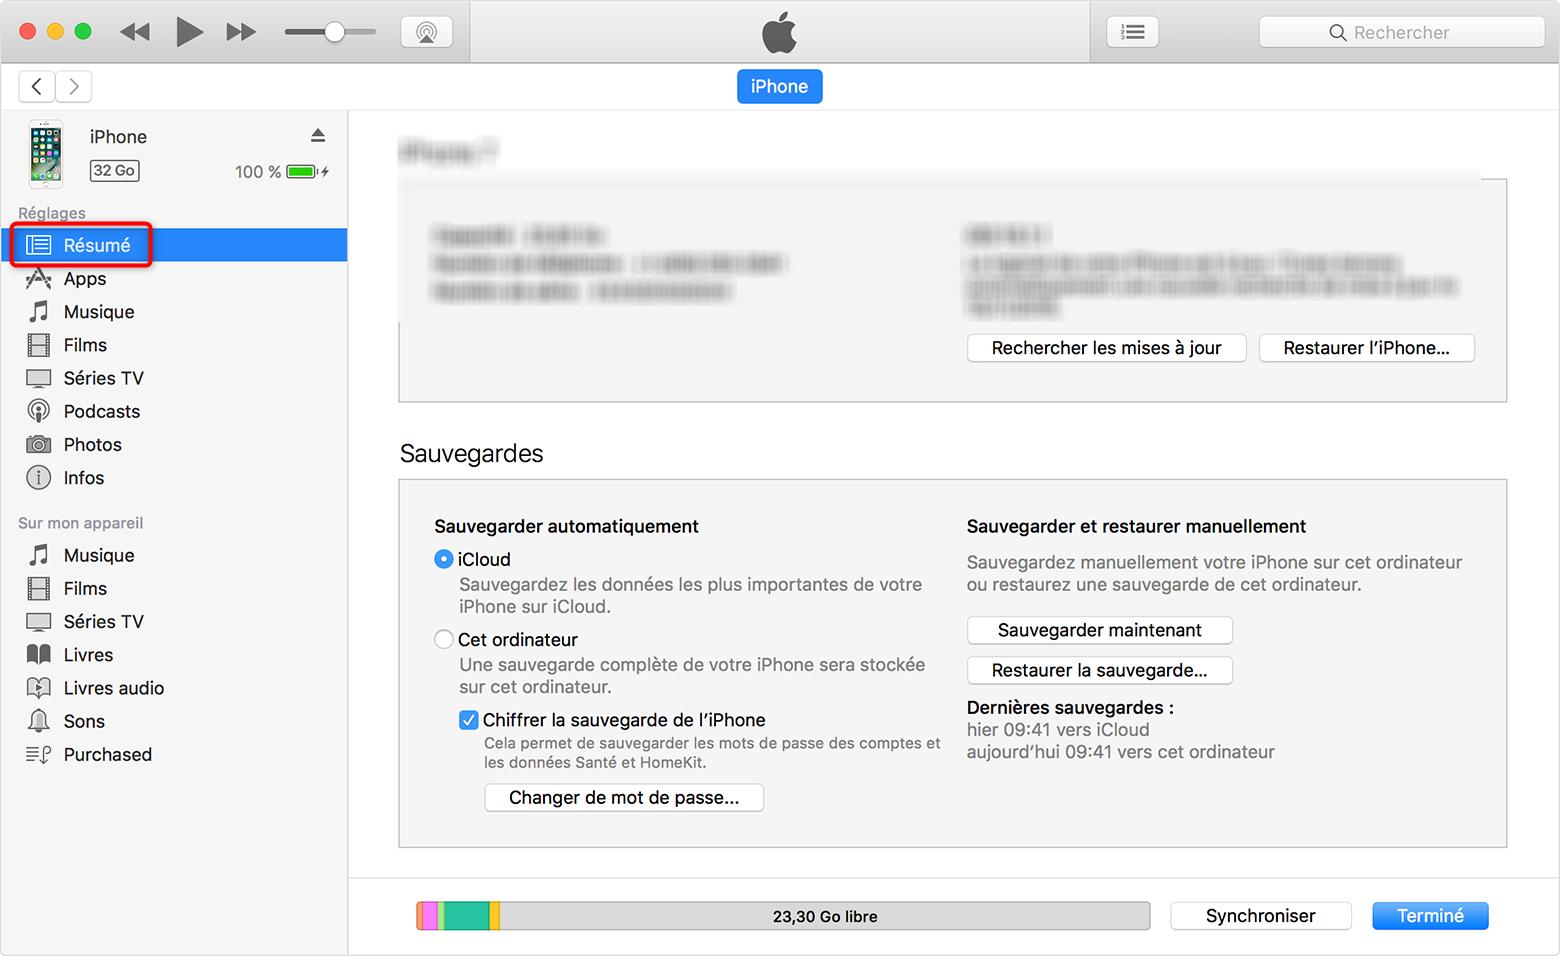 Accès à l'interface d'iTunes - étape 1